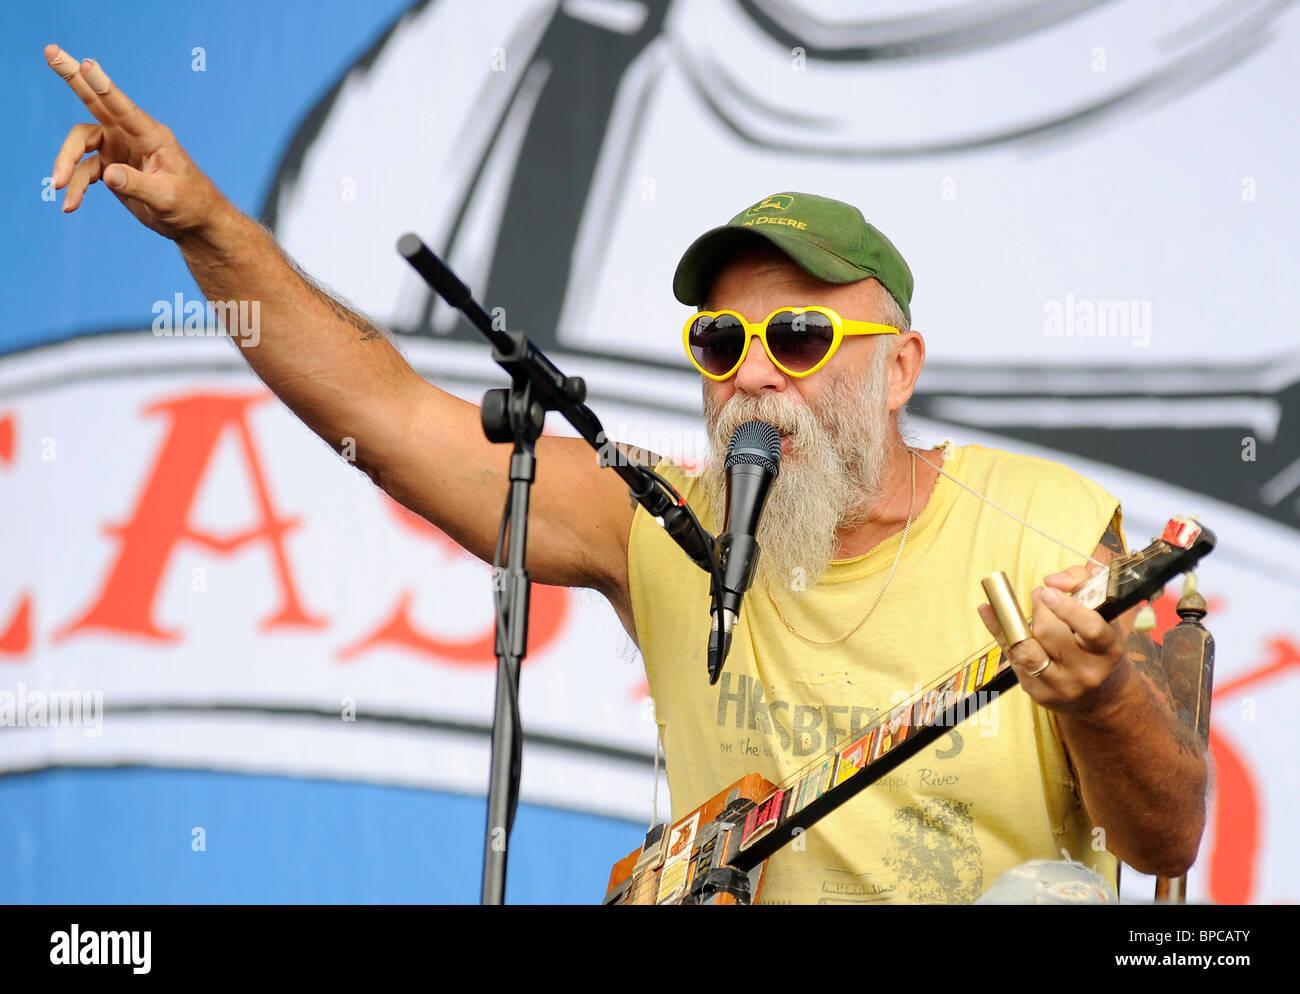 Seasick Steve performing live at V Festival 2010 Banque D'Images